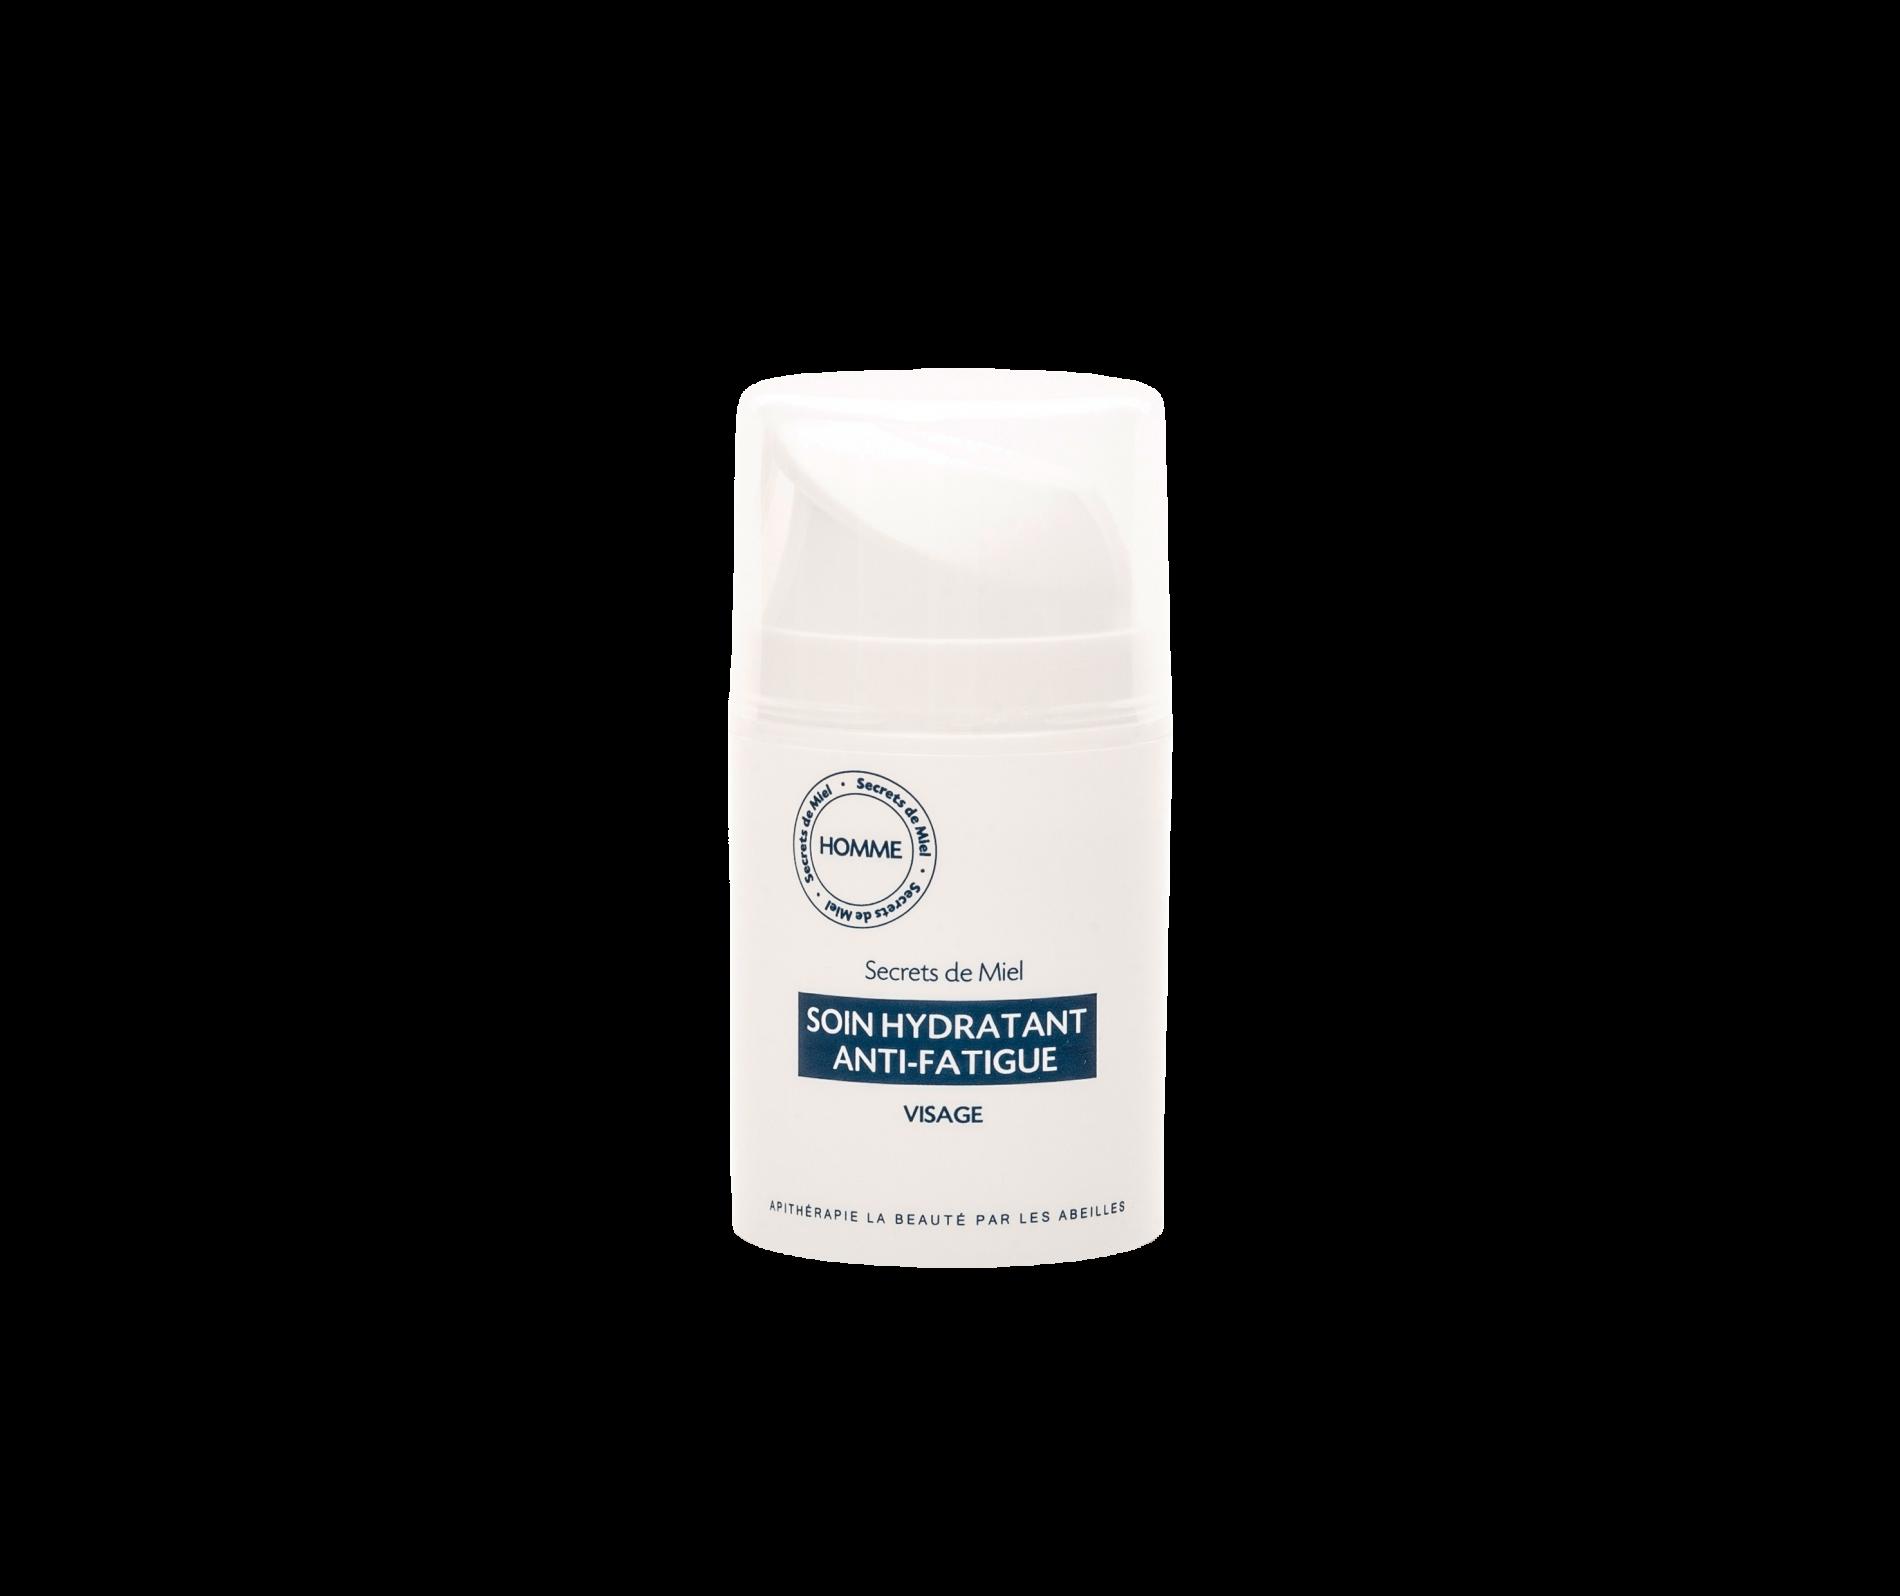 produits hommes - crème jour homme - crème hydratante homme - crème visage homme - Secrets de Miel - produits naturels